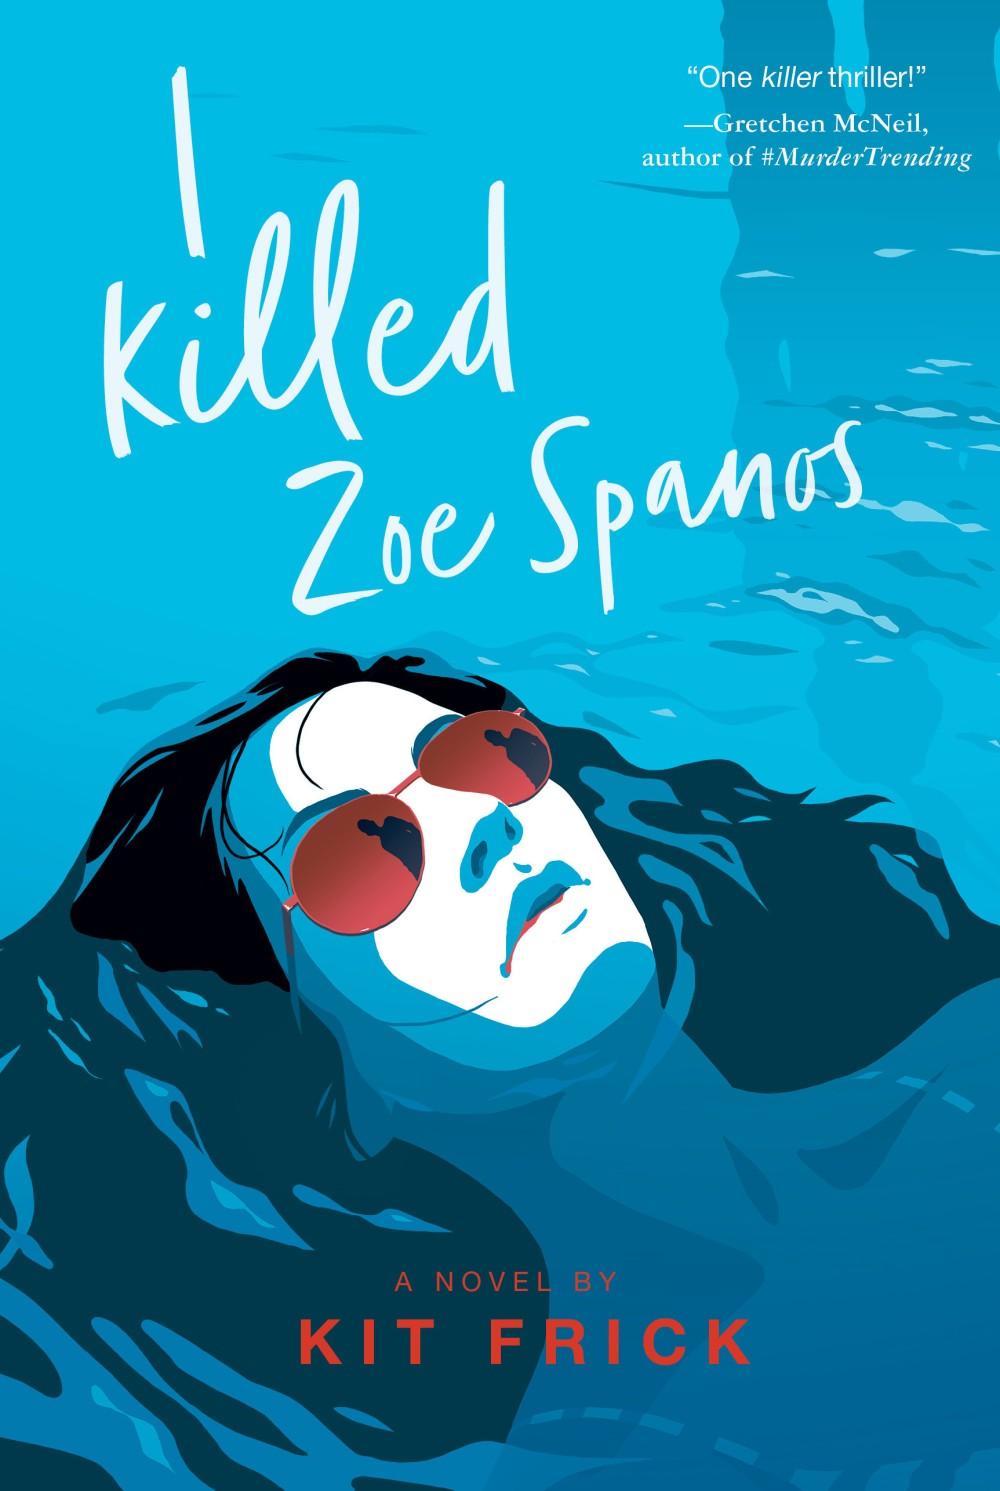 'I Killed Zoe Spanos' by Kit Frick